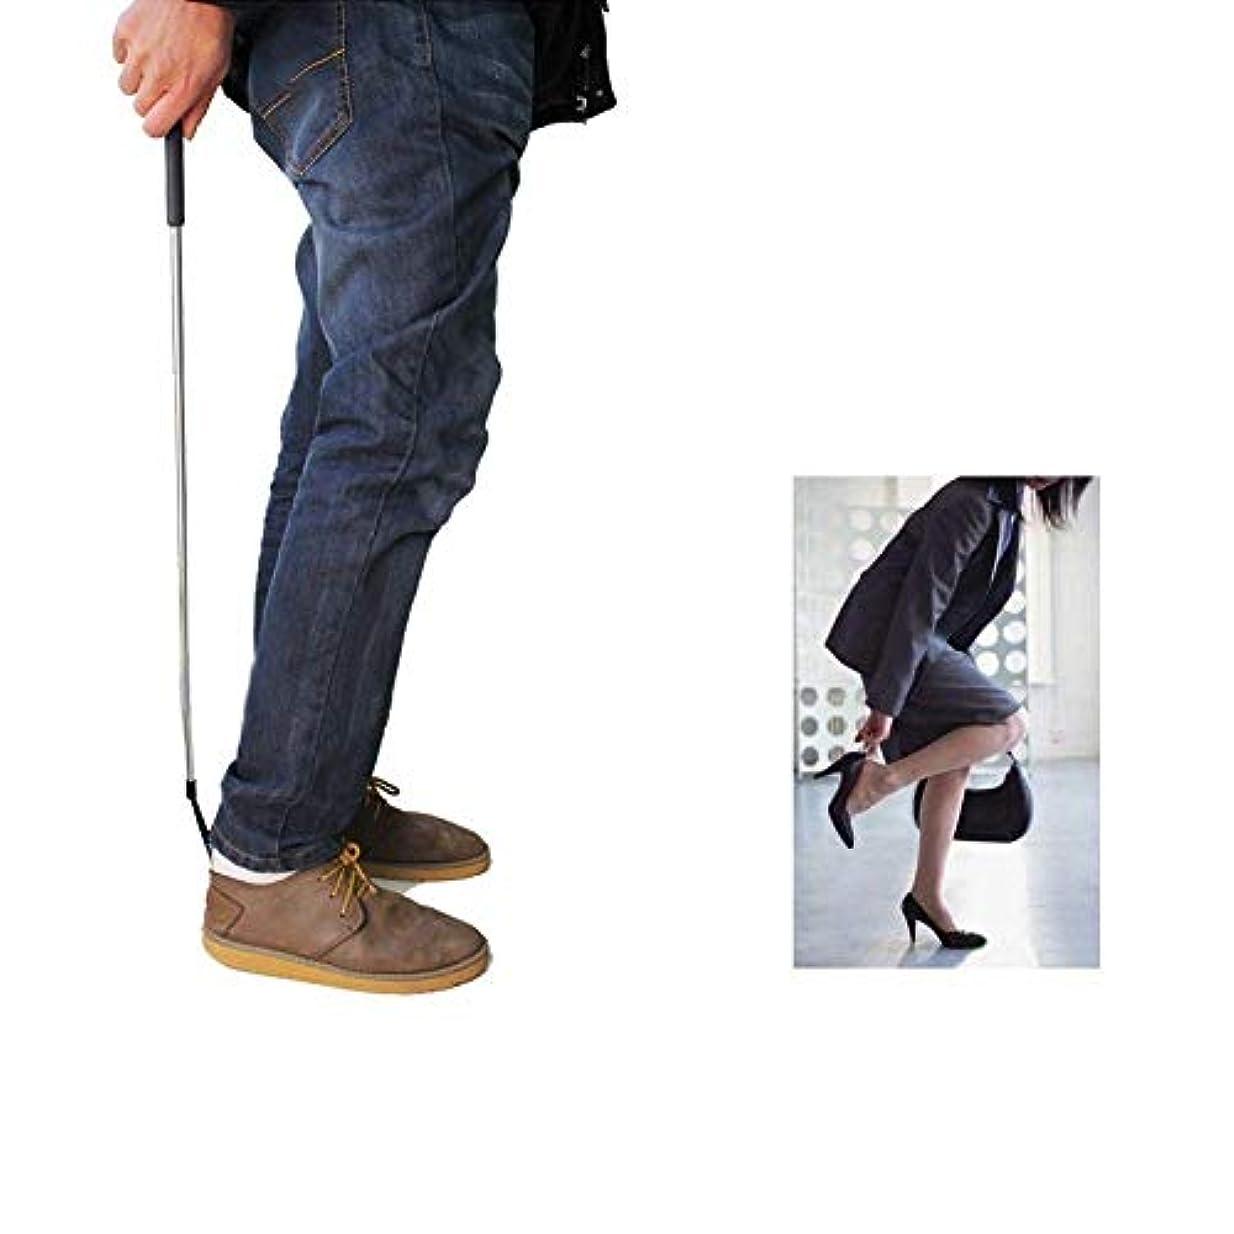 長老州長方形Pichidr-JP 靴べら シューホーン くつべら 靴 長ヘラ 携帯 伸縮自在 シューケア ロング 軽量 高齢者 靴の角拡張可能&折りたたみ 男性女性靴